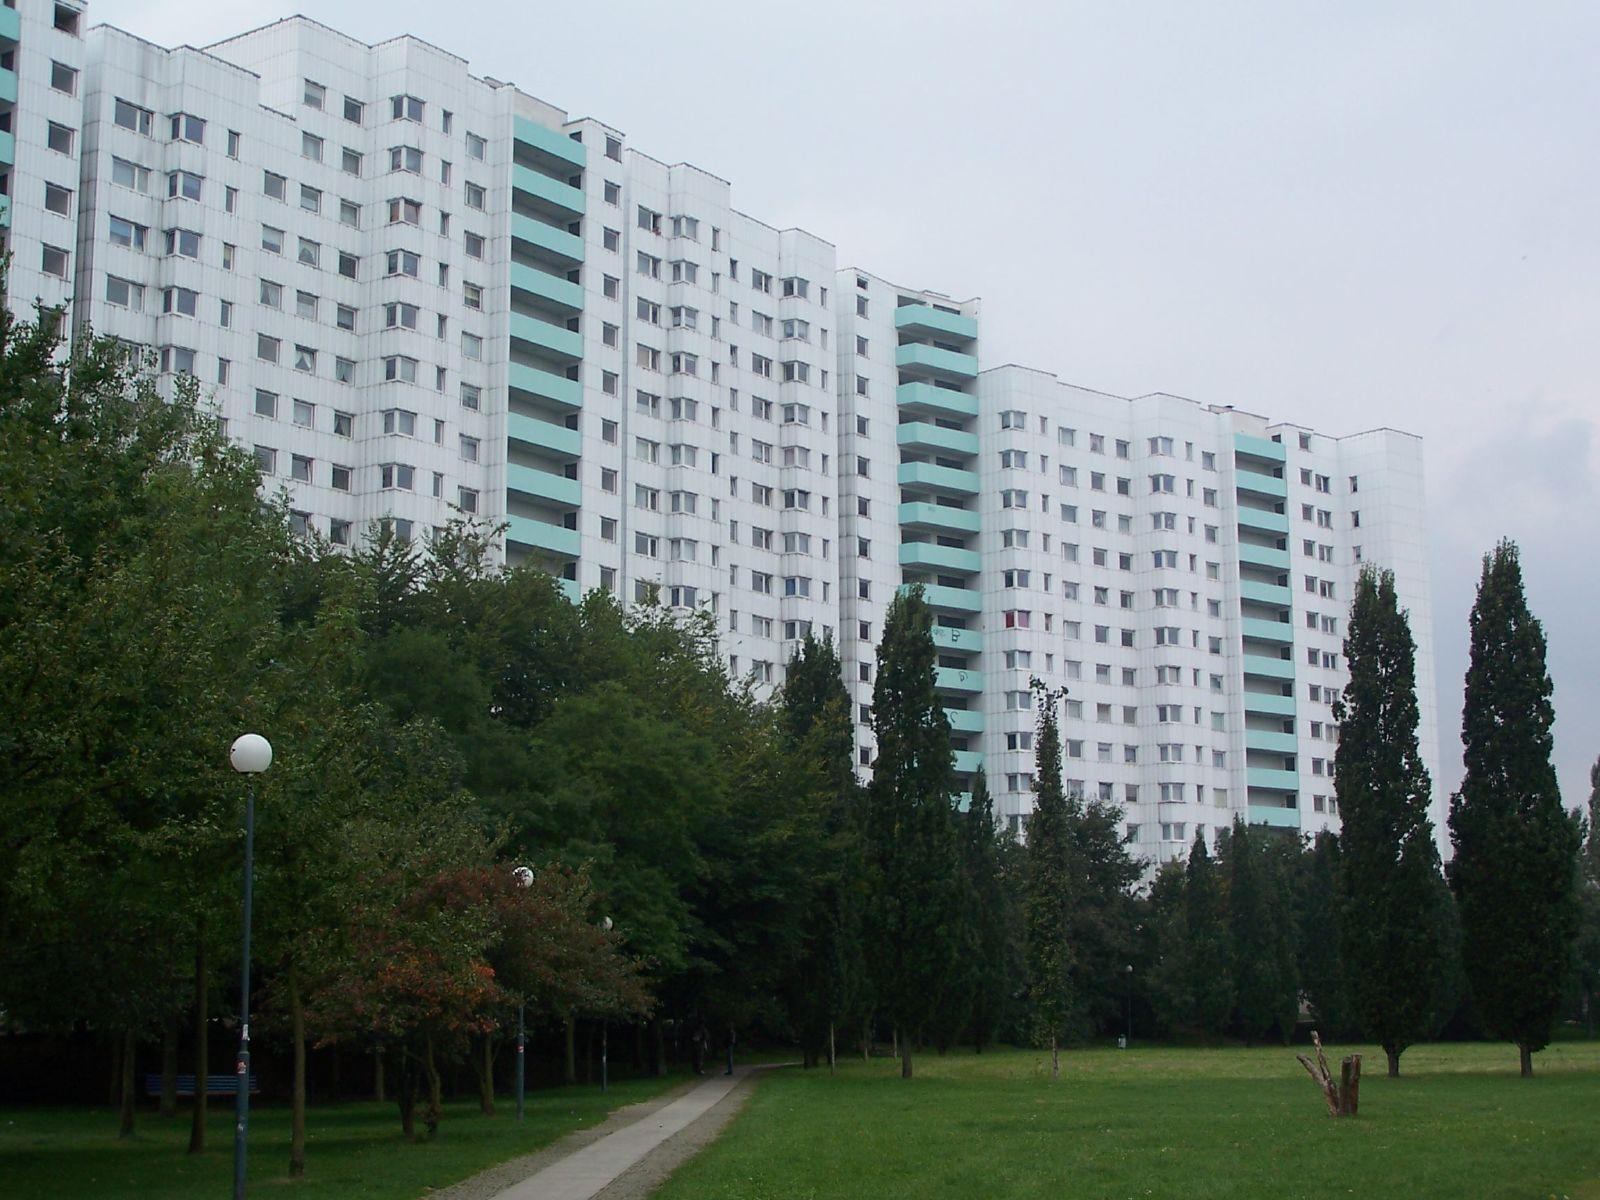 File Gropiusstadt Apartment Houses Jpg Wikimedia Commons